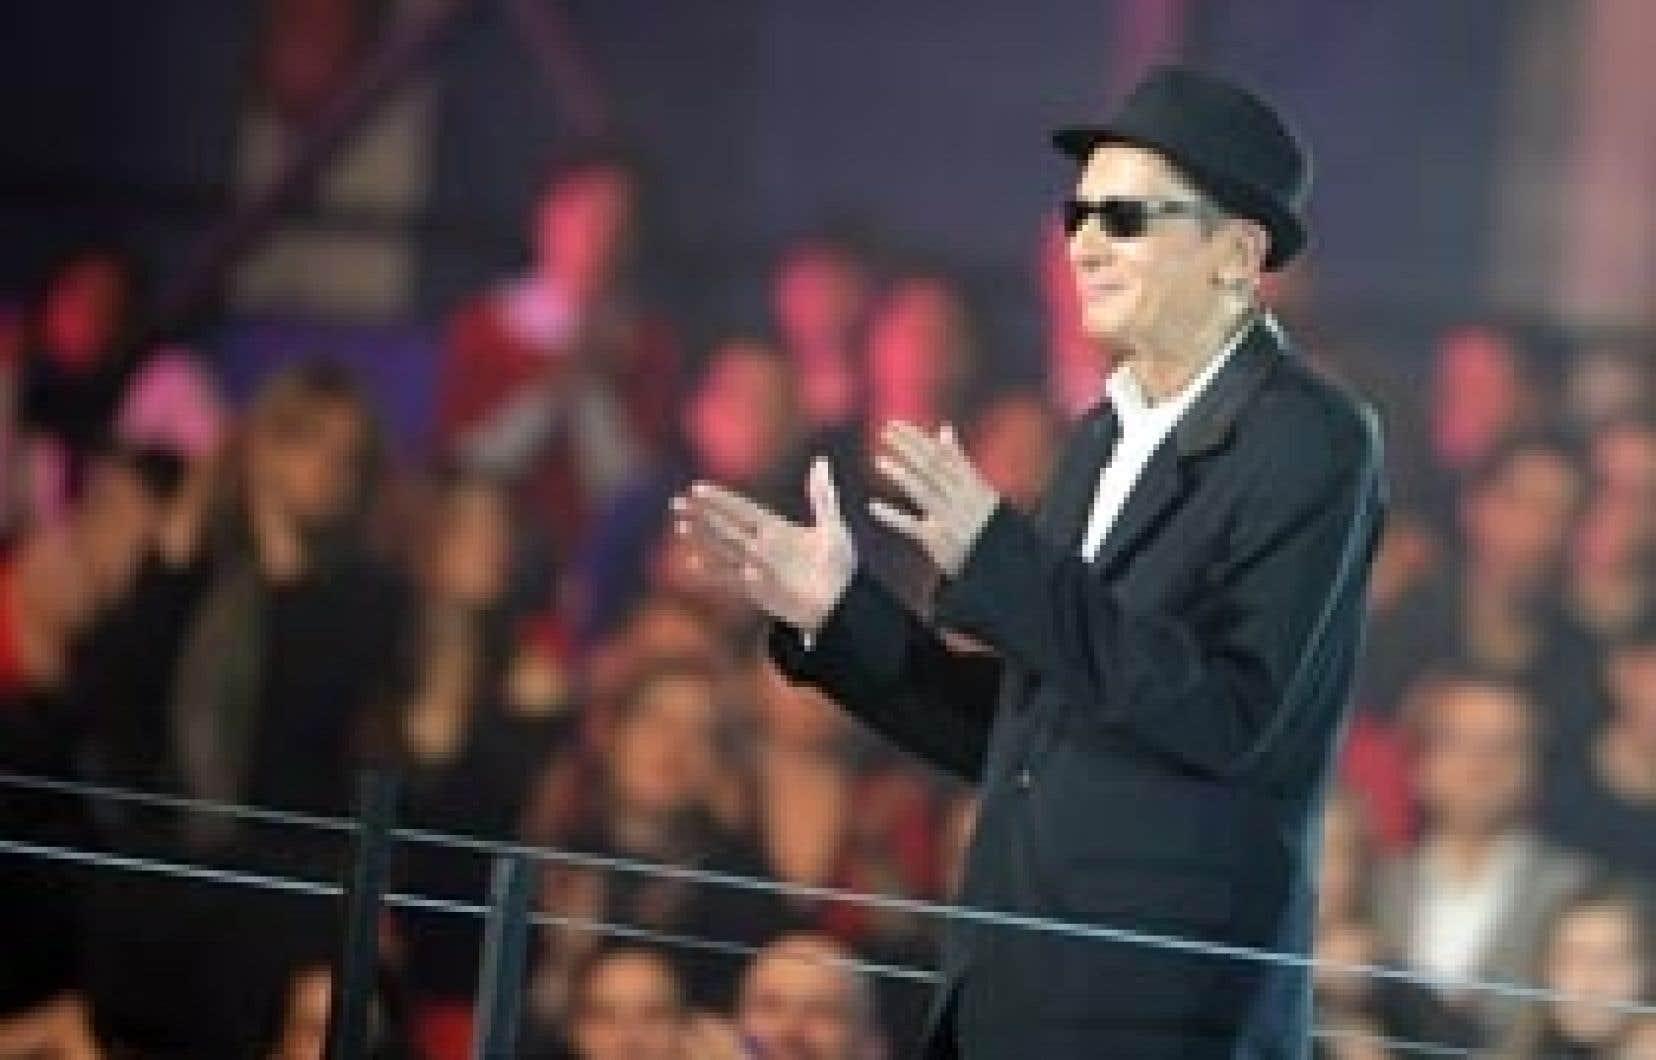 Même affaibli, Alain Bashung est monté sur la scène des Victoires de la musique, le 28 février dernier. En y remportant trois nouveaux trophées, il est devenu l'artiste le plus primé de l'histoire du gala français.